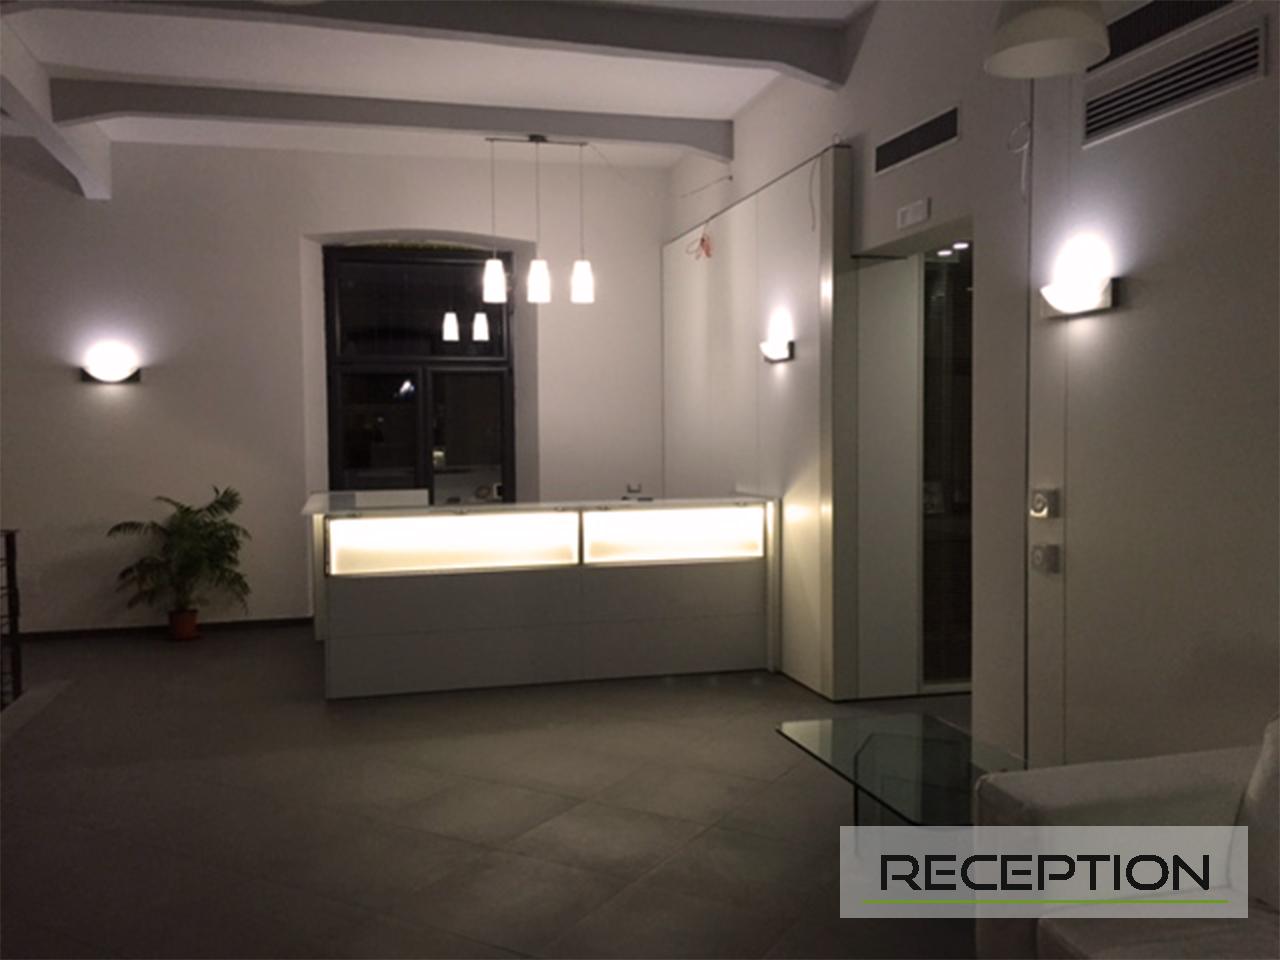 reception ufficio virtuale